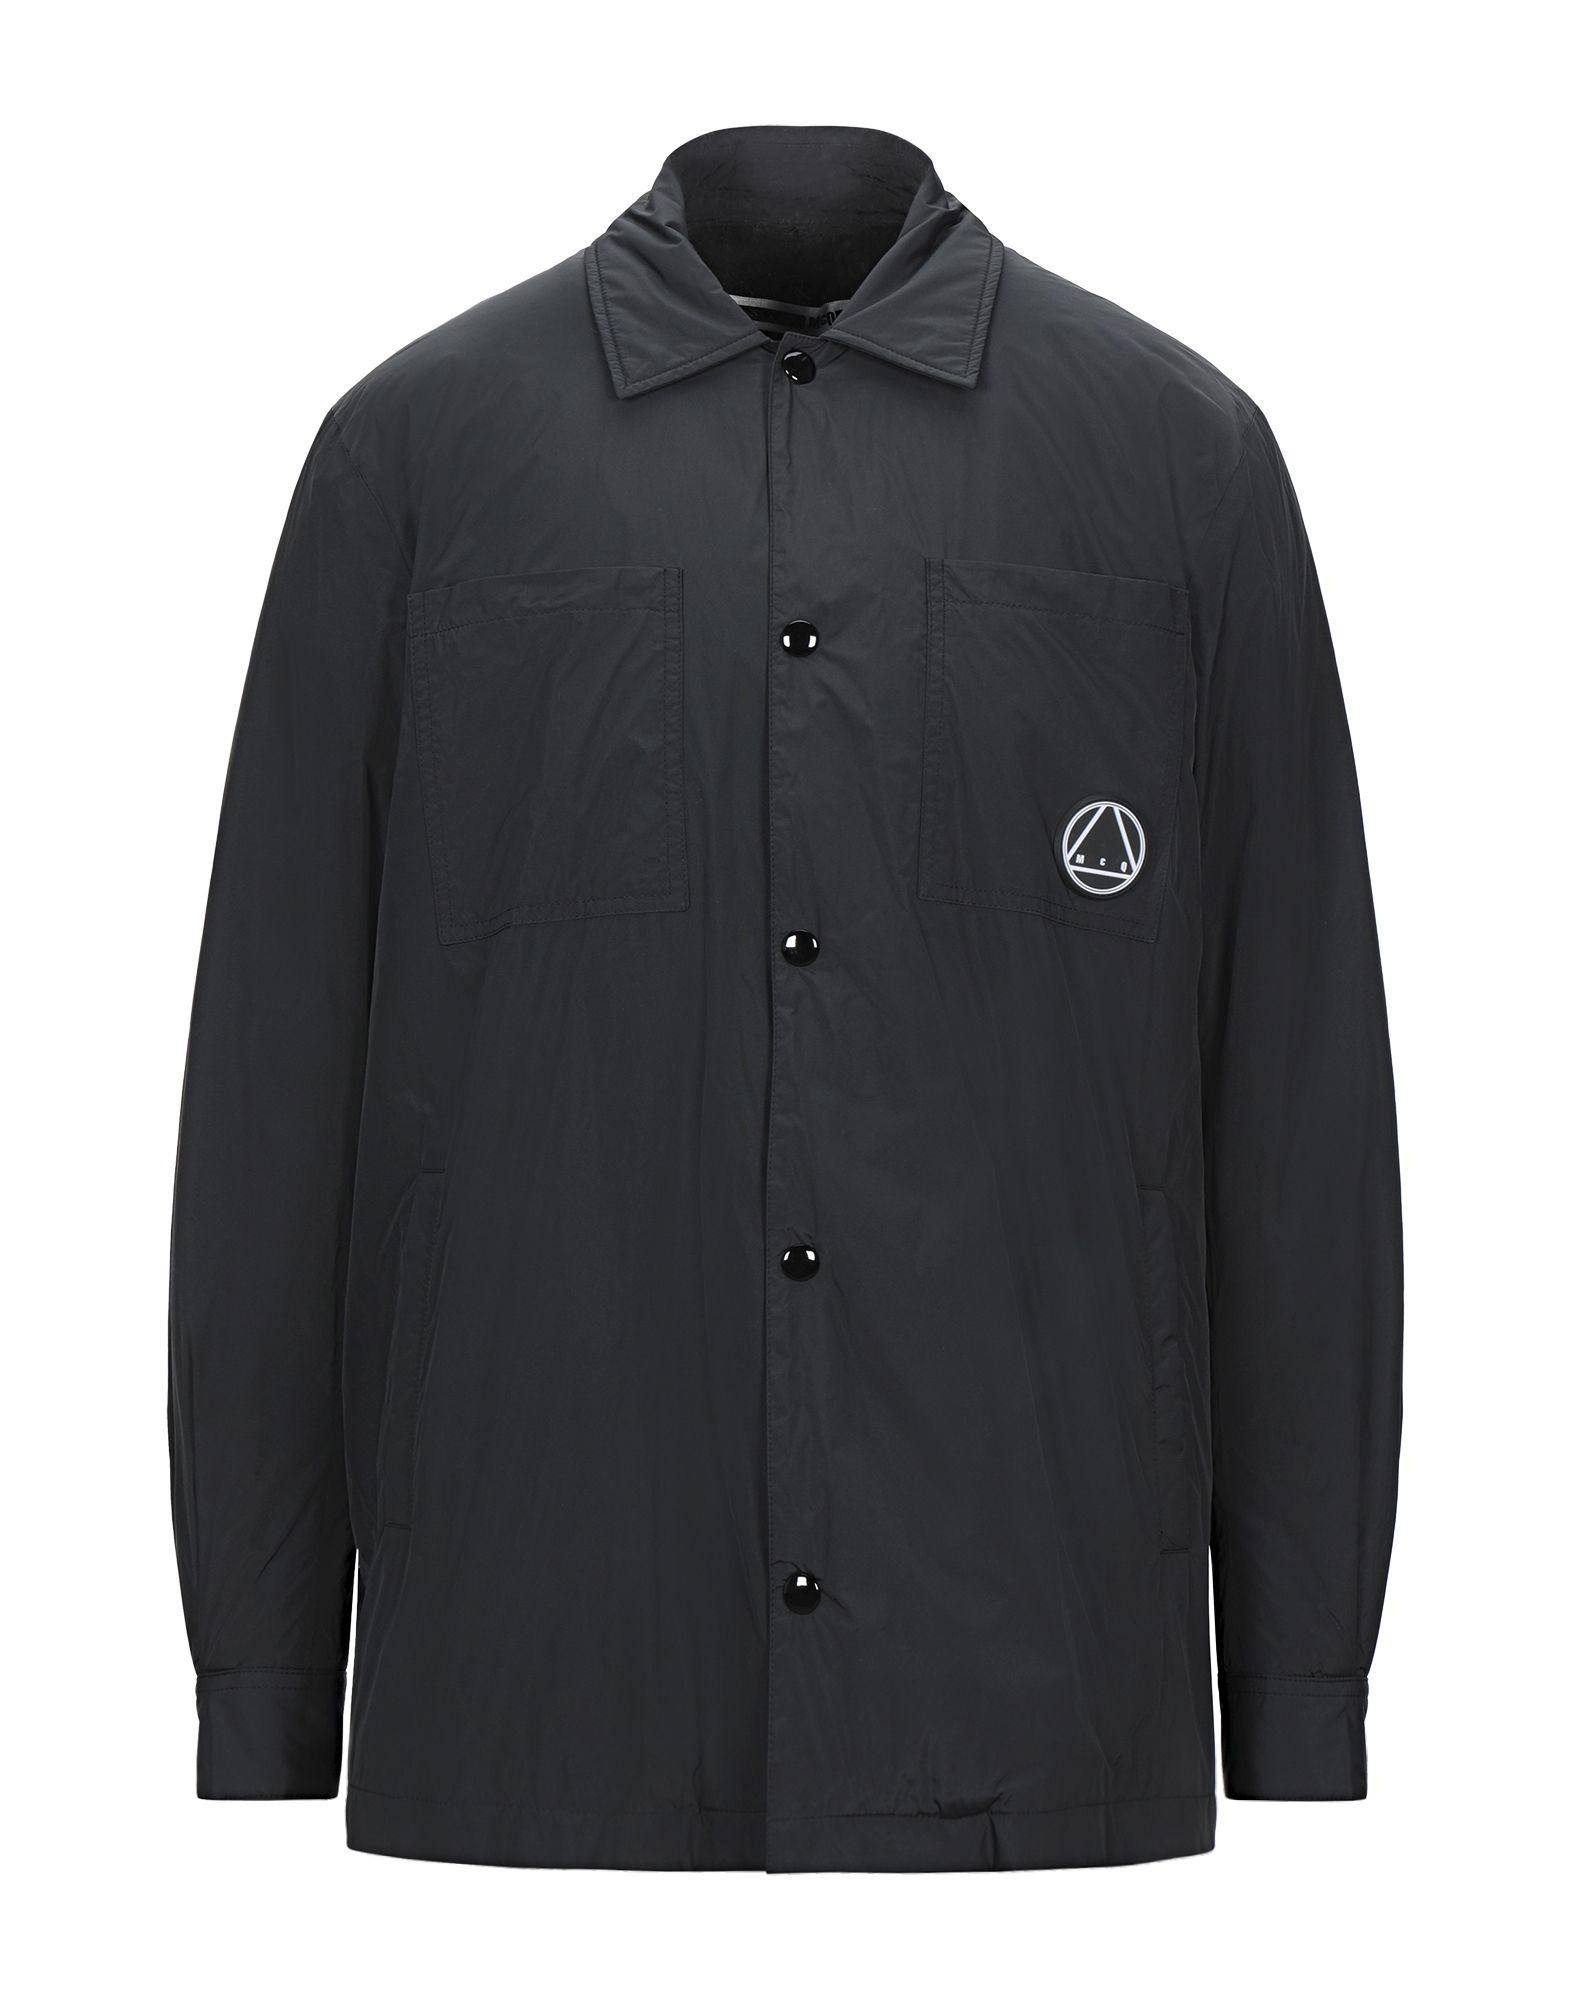 McQ Alexander McQueen Overcoats - Item 41990798